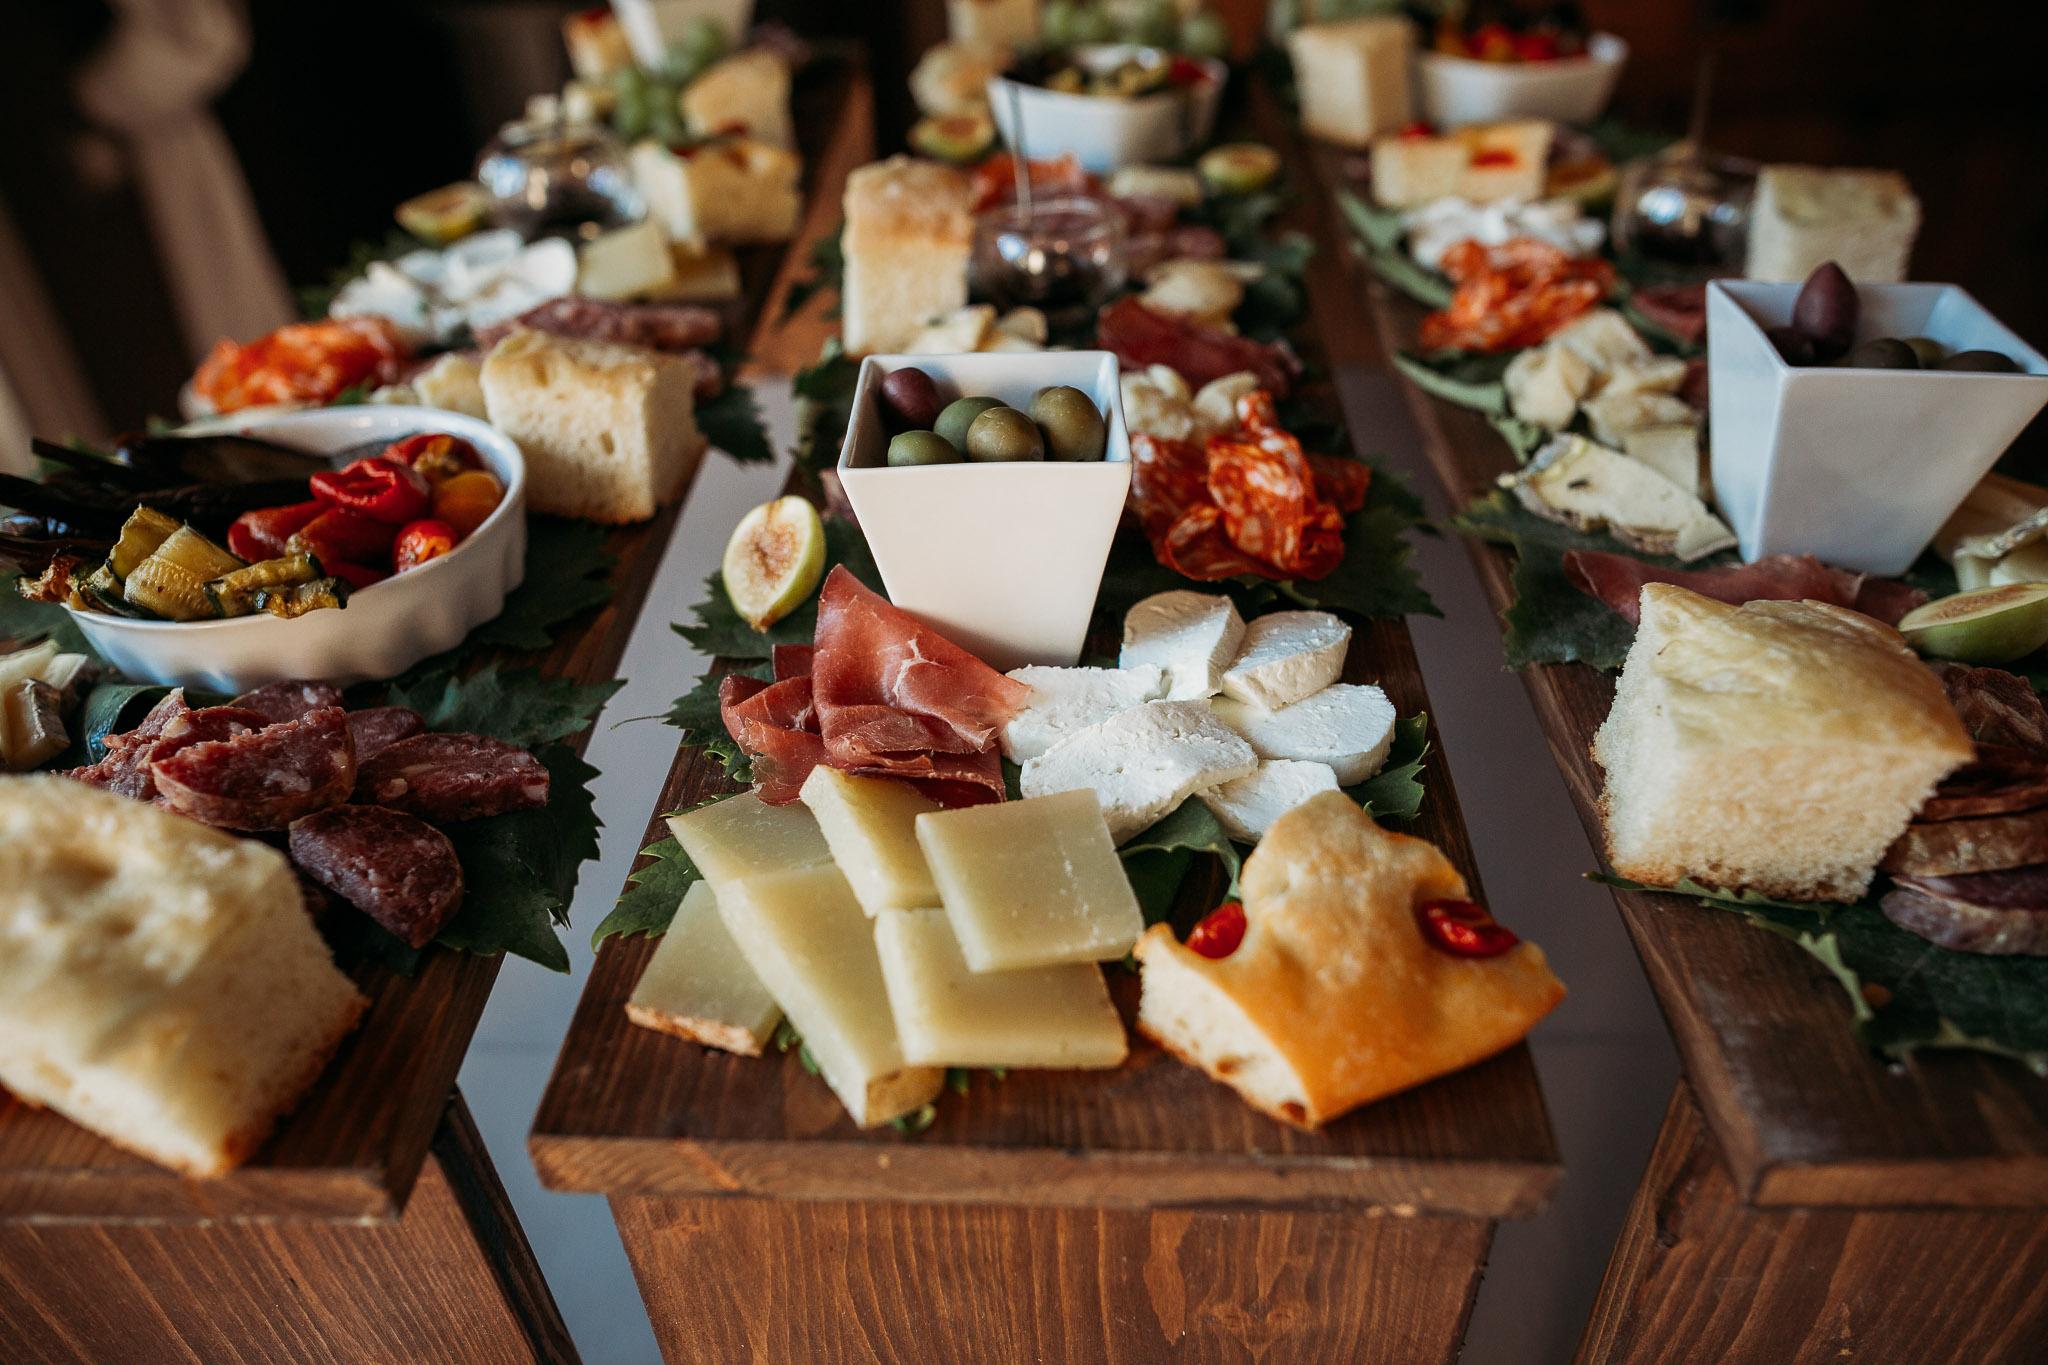 Italian wedding aperitivo with bread, cheese and olives at La Villa Hotel, Mombaruzzo